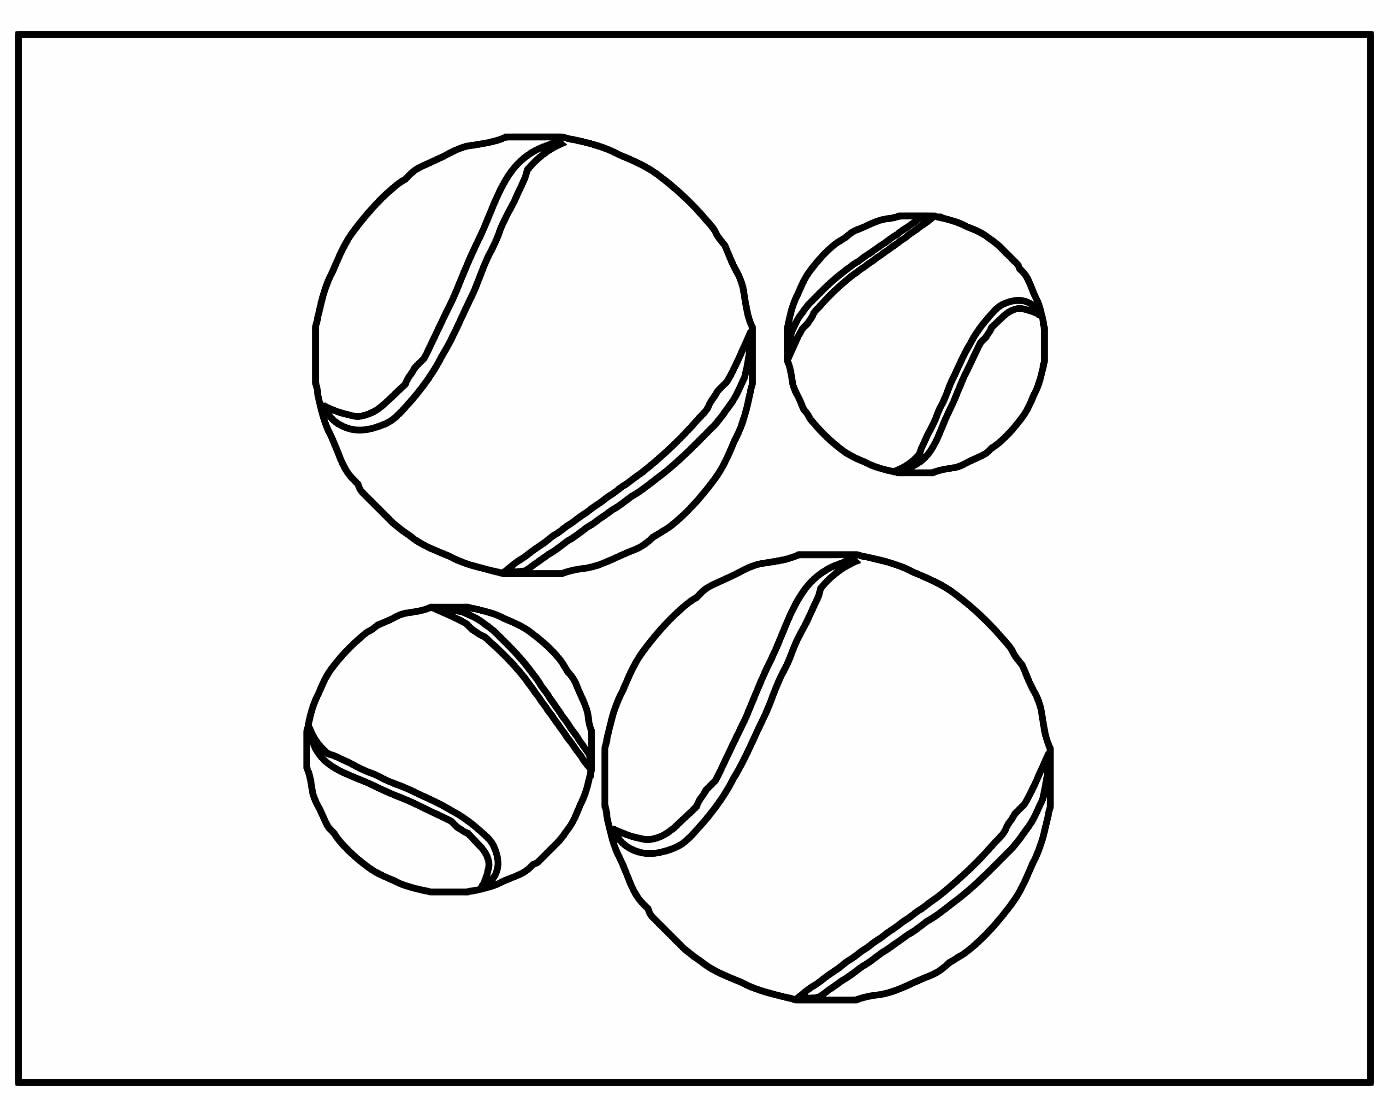 Página para colorir de Bola